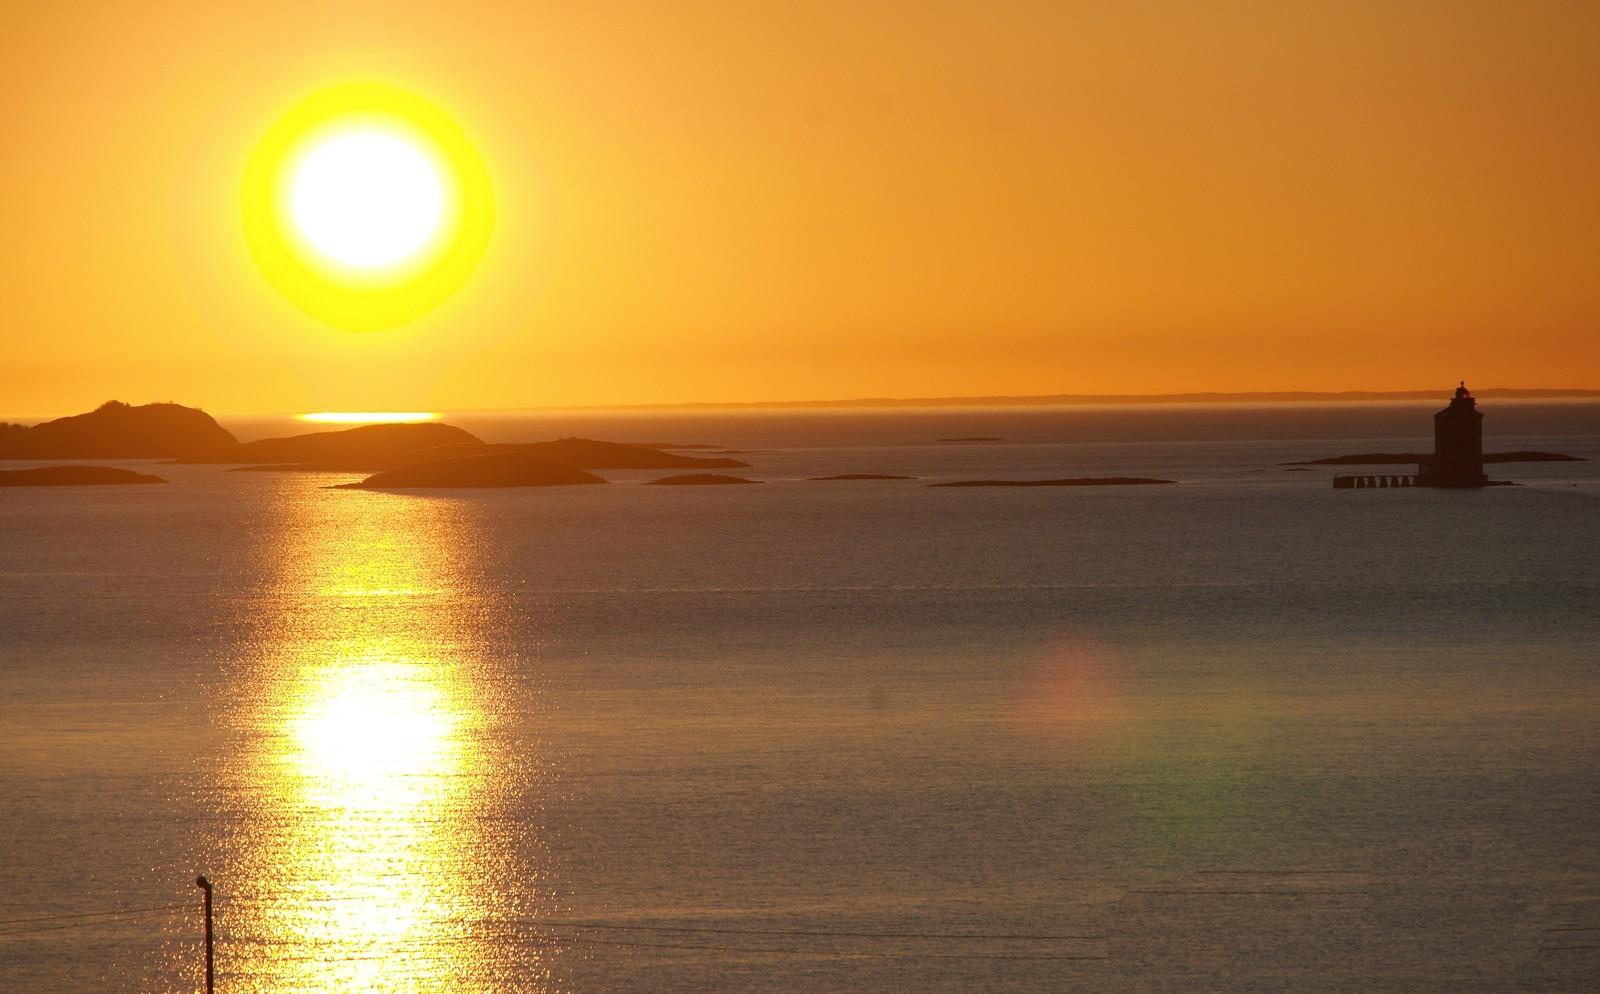 Kjeungskjæret med holmene i solnedgang